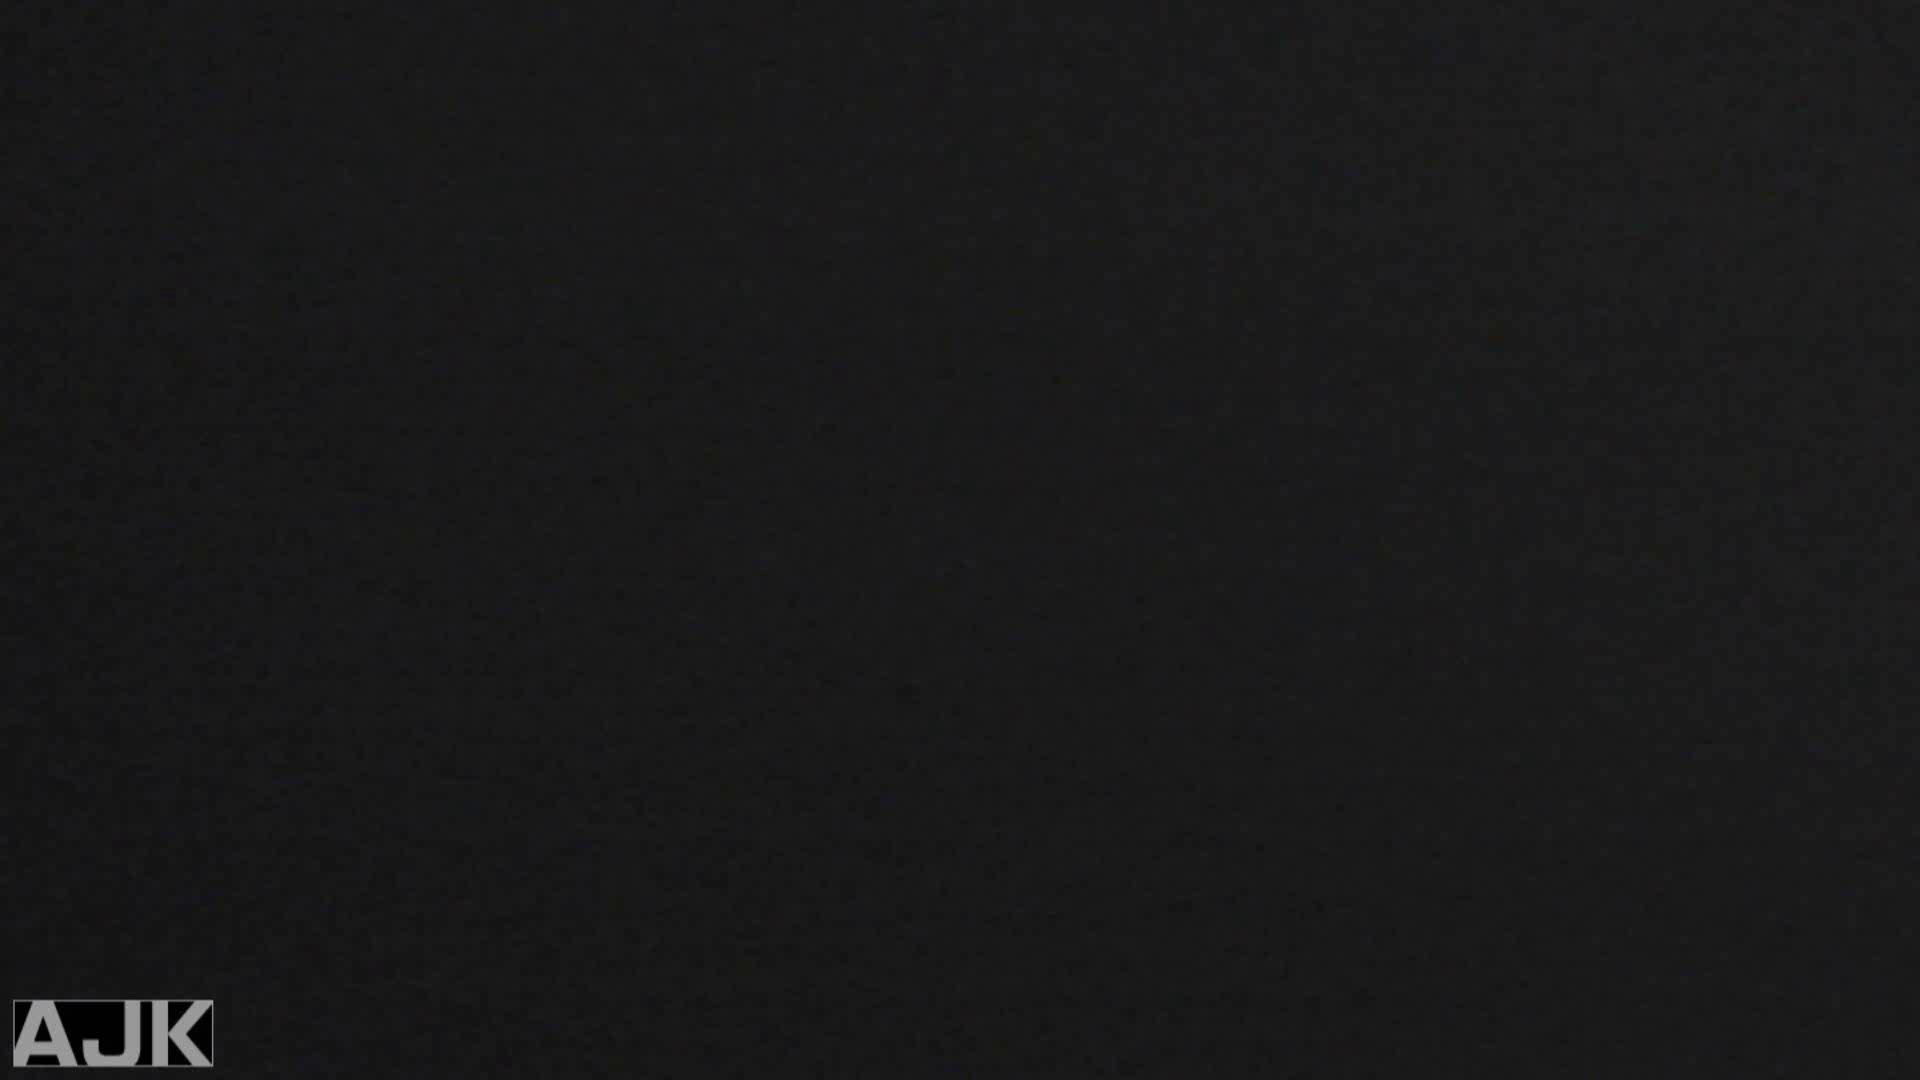 神降臨!史上最強の潜入かわや! vol.25 肛門 覗きおまんこ画像 56PICs 48